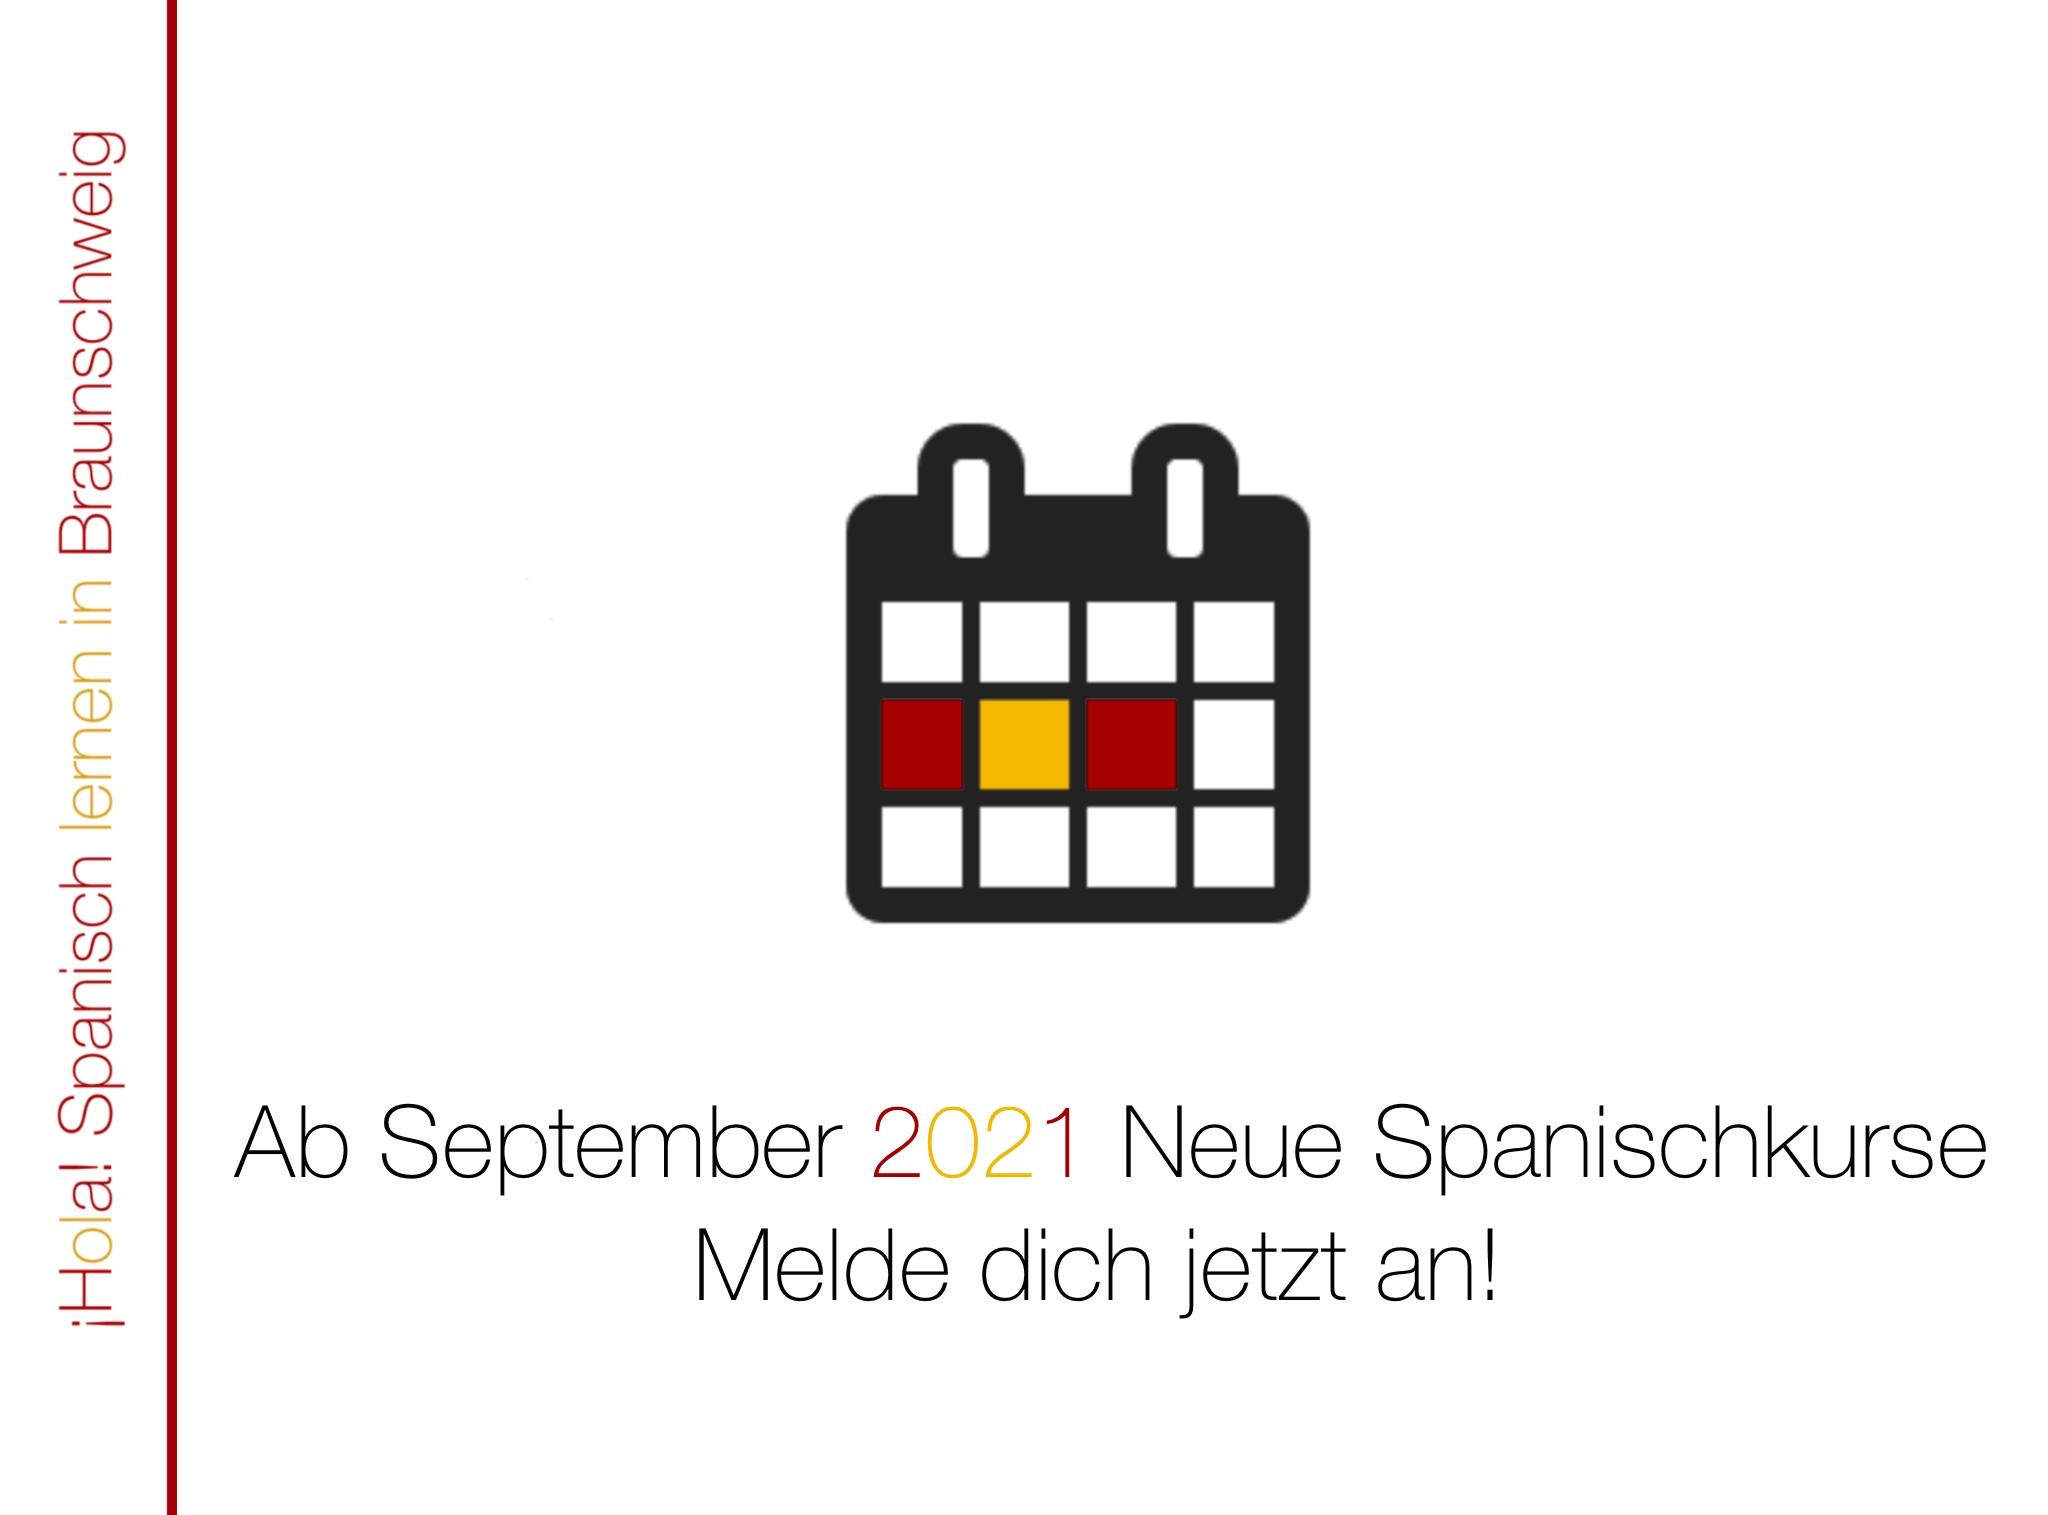 Spanisch zur hochzeit besten wünsche 70 bezaubernde